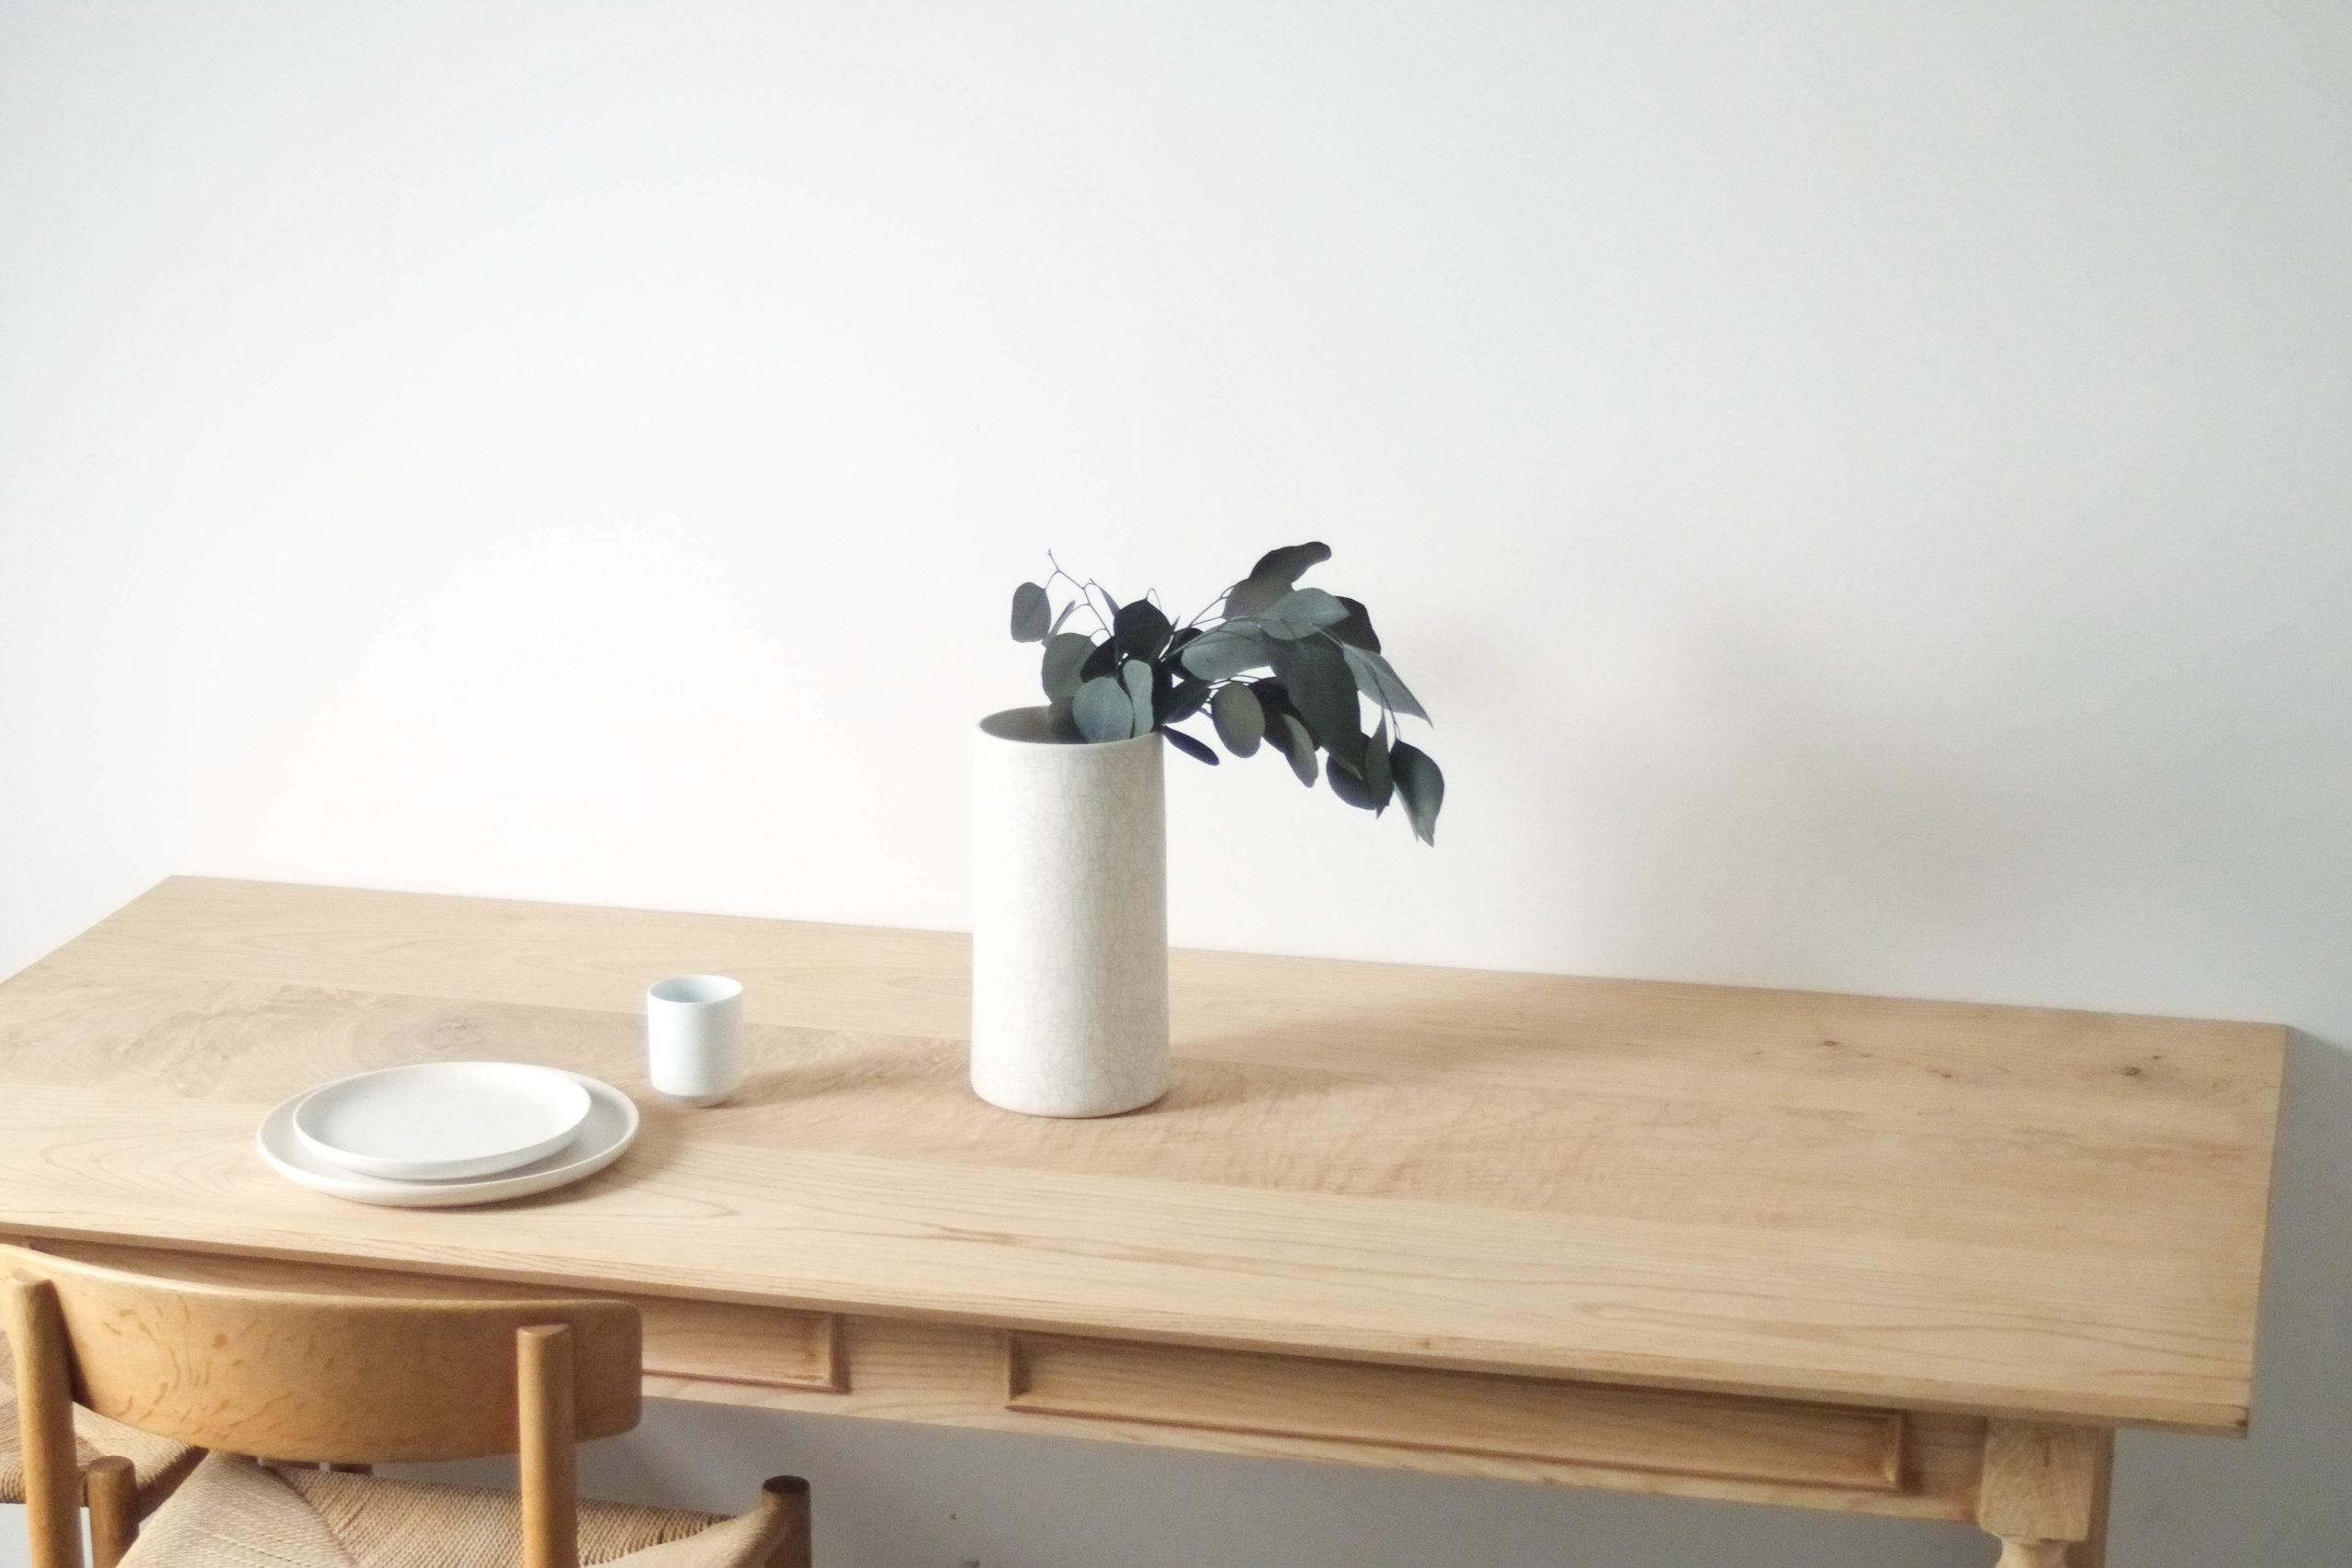 detalle de mesa maciza de calidad hecha a mano retro vintagte